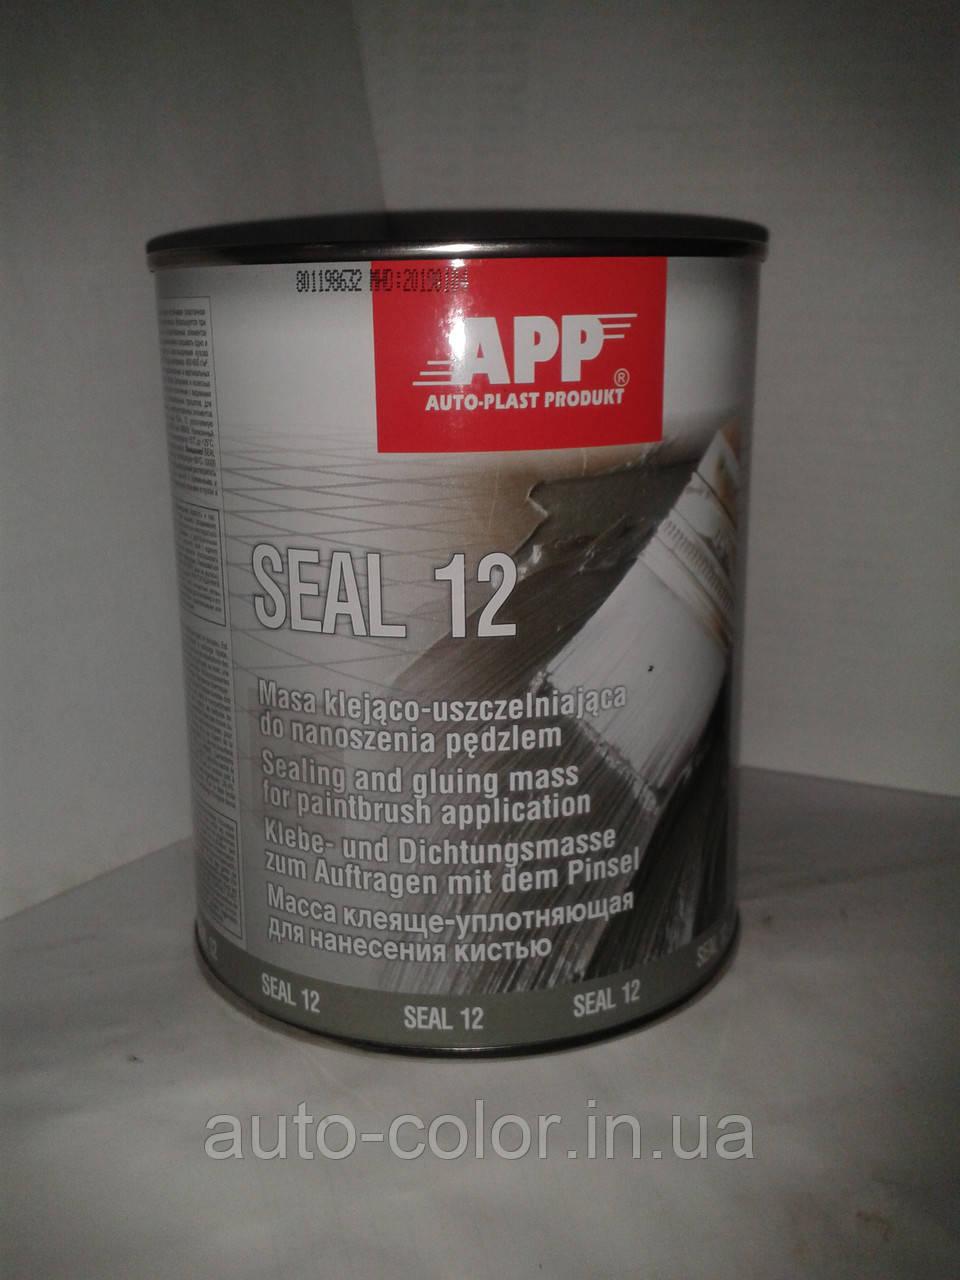 Клеяще-уплотняющая масса, наносимая кистью SEAL 12 APP 1кг